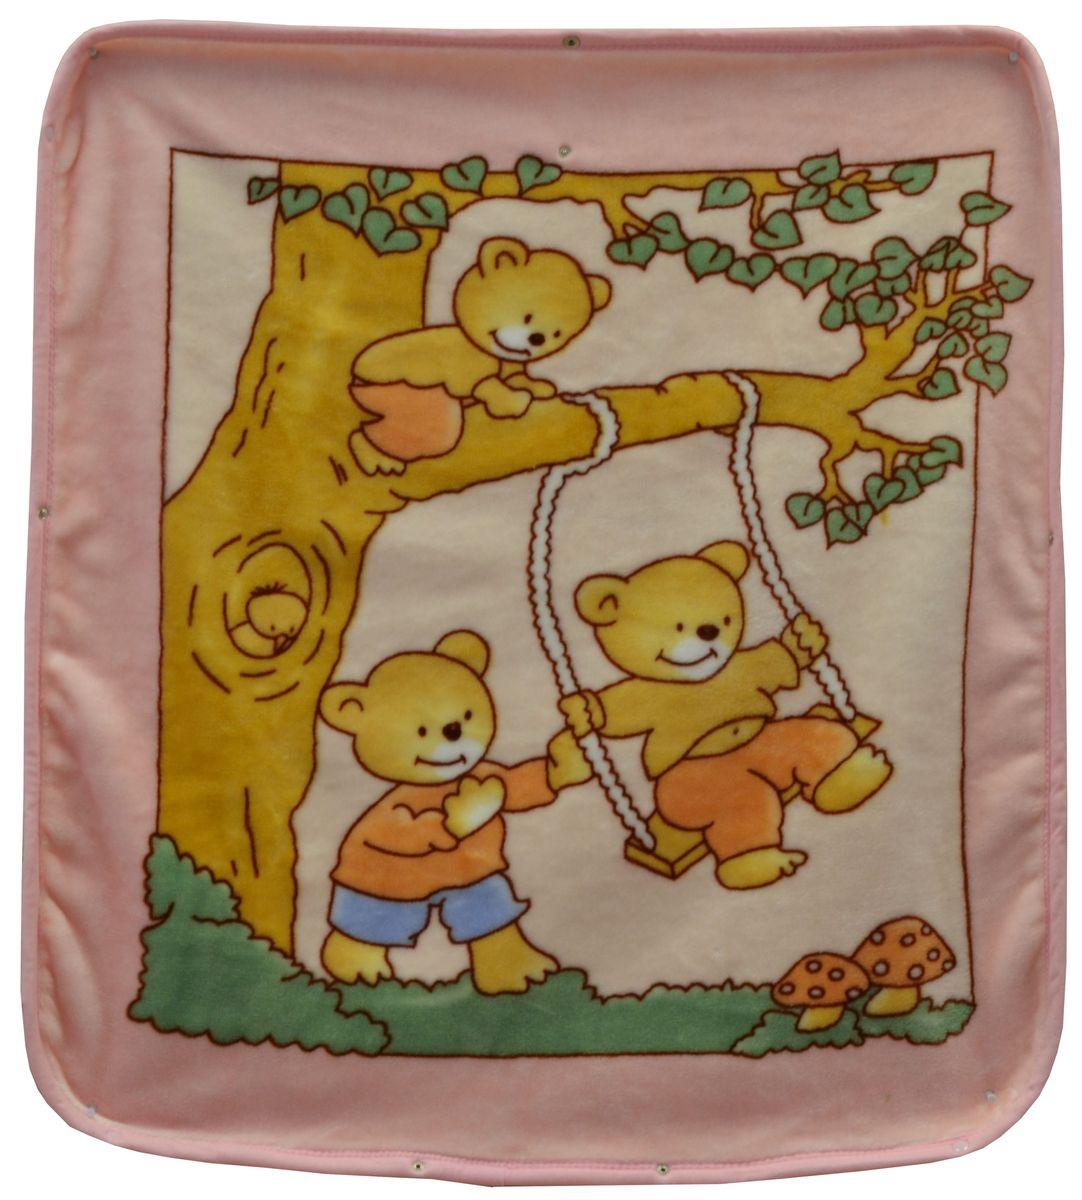 Bonne Fee Плед-накидка для младенцев на молнии 3, 80 х 90 см, цвет: розовыйКПСМ/110х140Плед-накидка для младенцев на молнии Bonne Fee - защита, тепло и комфорт для малышей - использован надёжный, качественный и мягкий материал! Удобство и спокойствие для родителей обеспечивается универсальностью пледа-накидки, конструкция которого позволяет ему легко превращаться в конвертик. Отличное качество и практичность! Любите своего ребёнка и дарите ему лучшее!